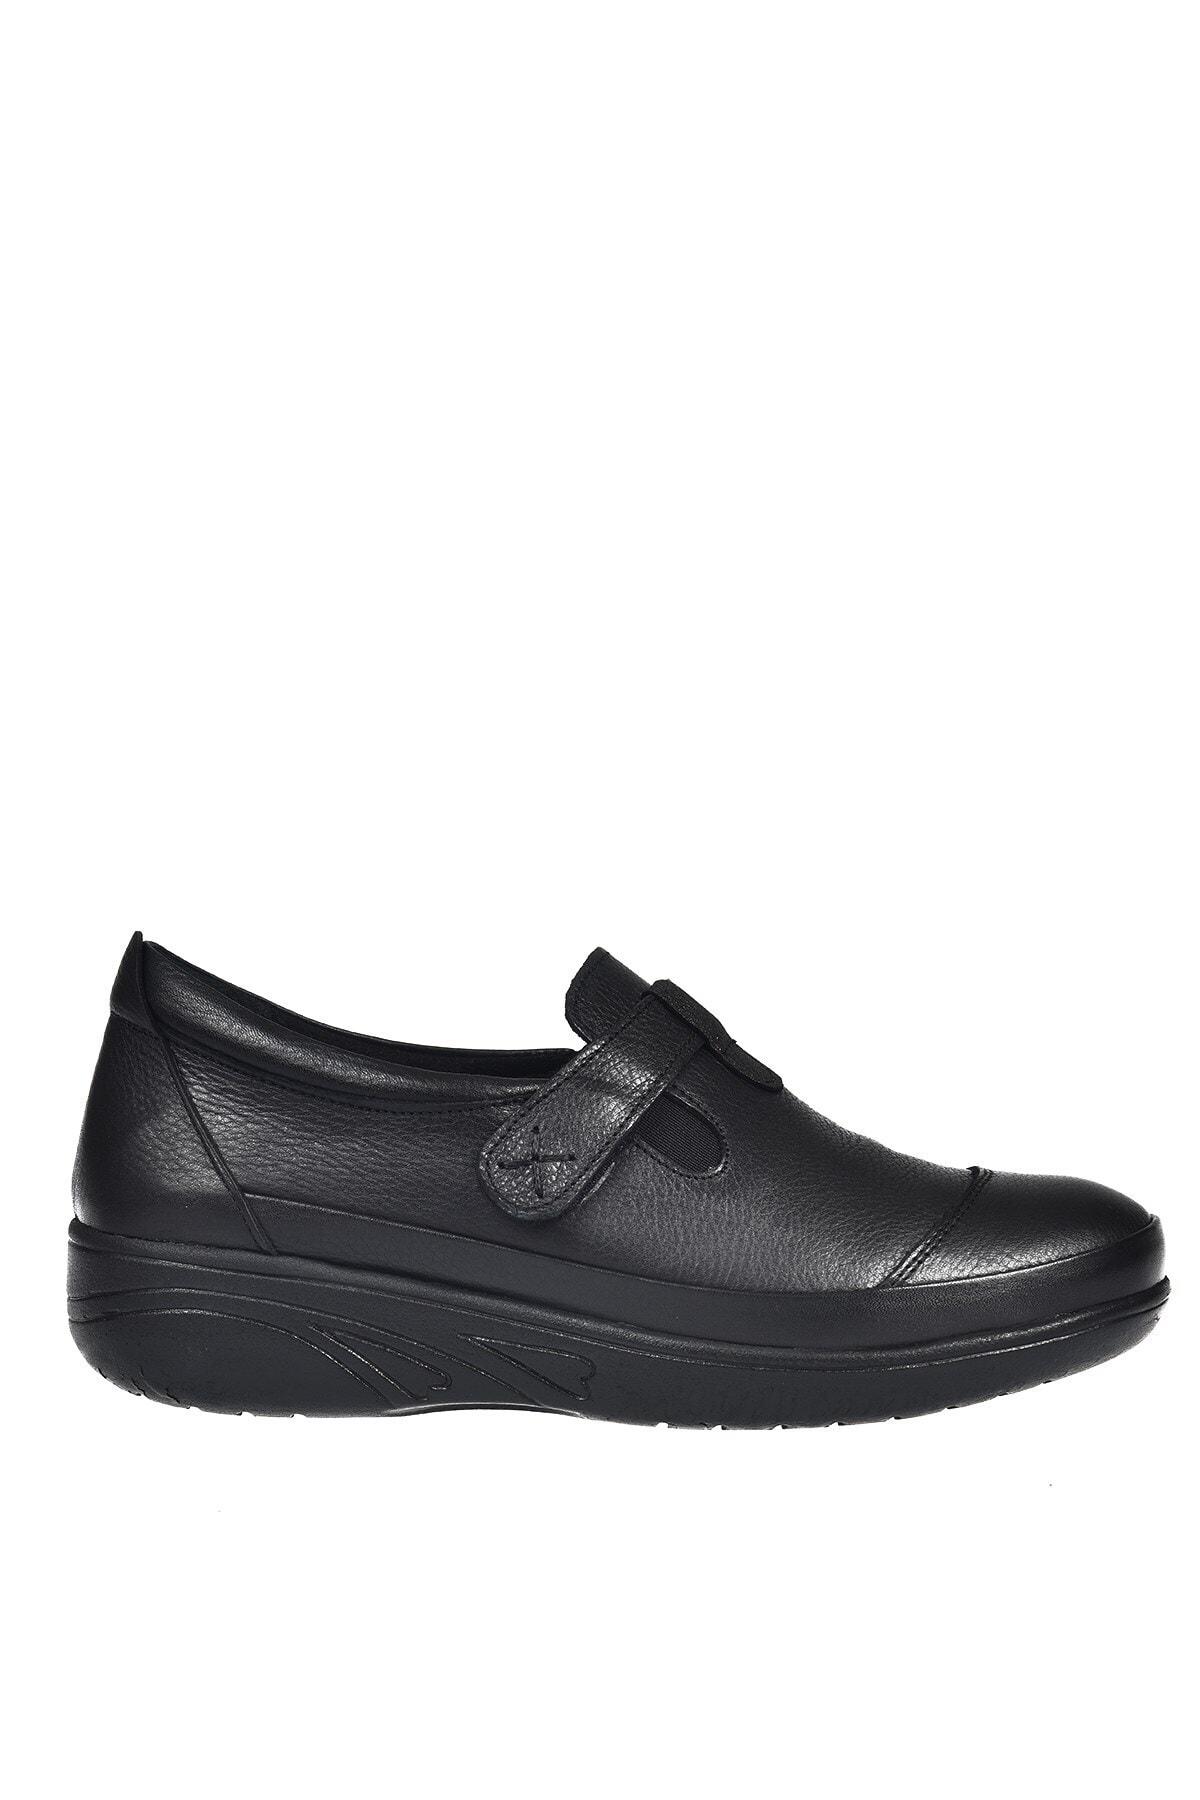 Üçel 2701 Hakiki Deri Kadın Ayakkabı Siyah Garni